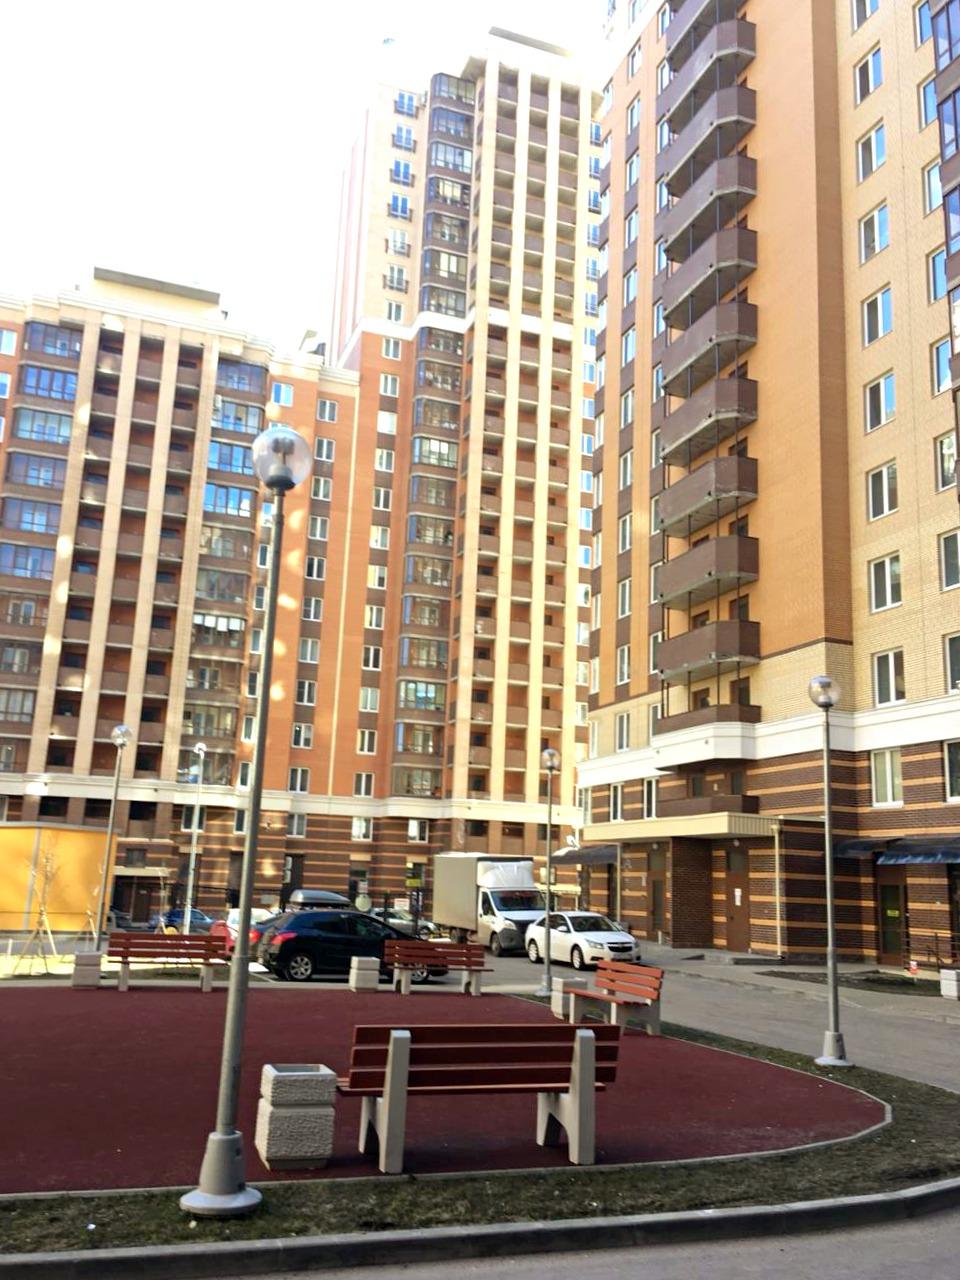 4-к квартира 125,6 м² в Кудрово, микрорайон Новый Оккервиль, ЖК